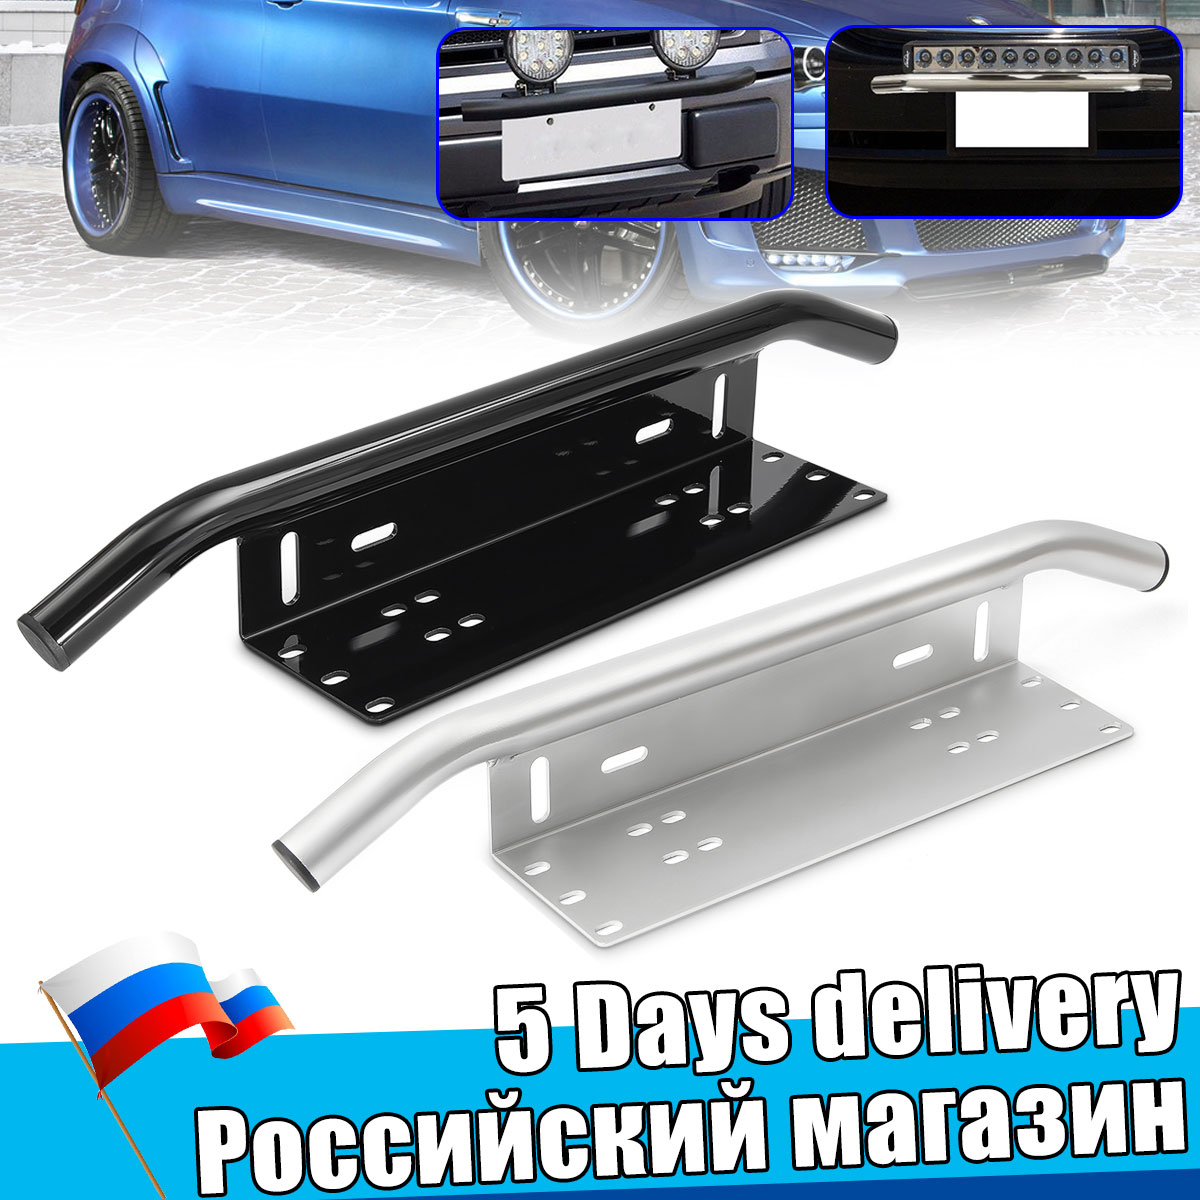 Plaque d'immatriculation de voiture tout-terrain avant plaque d'immatriculation support de cadre support de barre lumineuse pare-chocs pour SUV camion véhicule